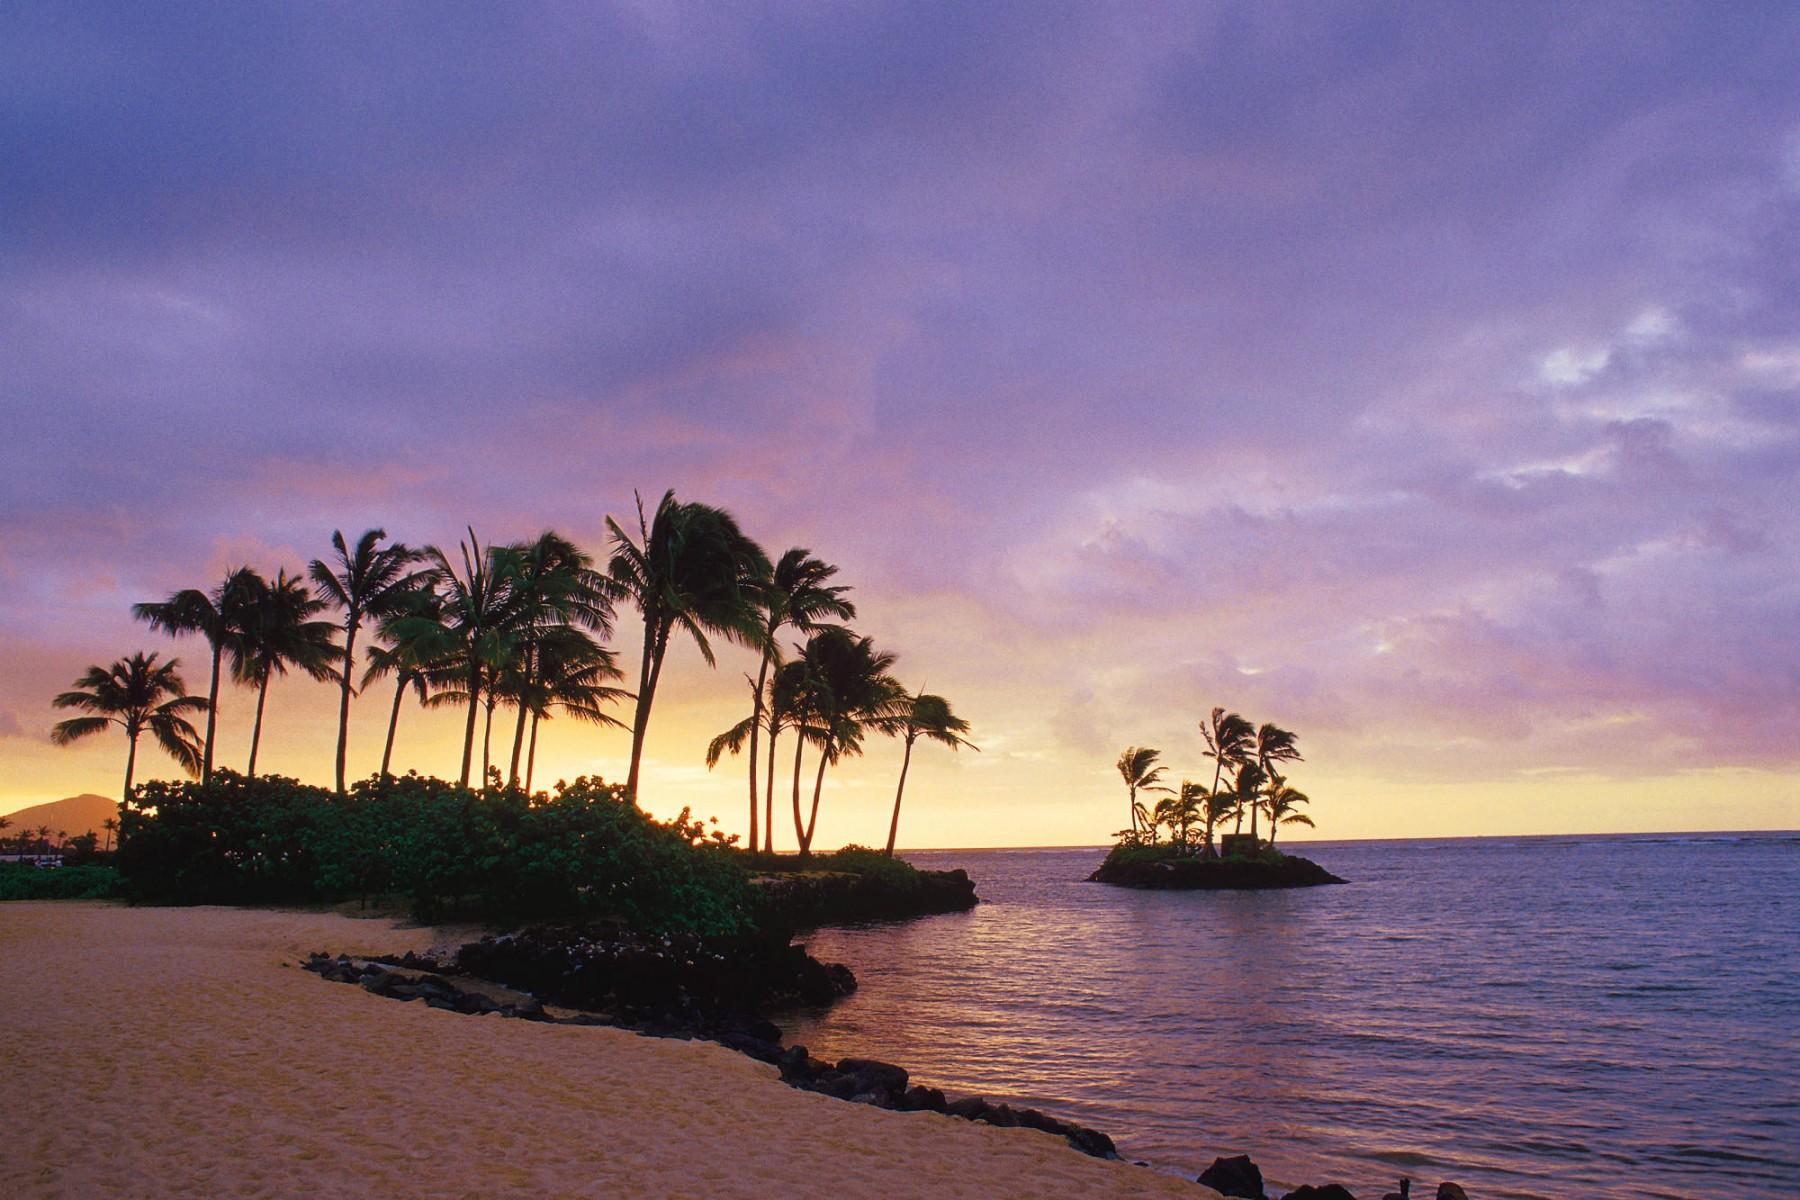 Travel_Bucket_List_Hawaii_Oahu